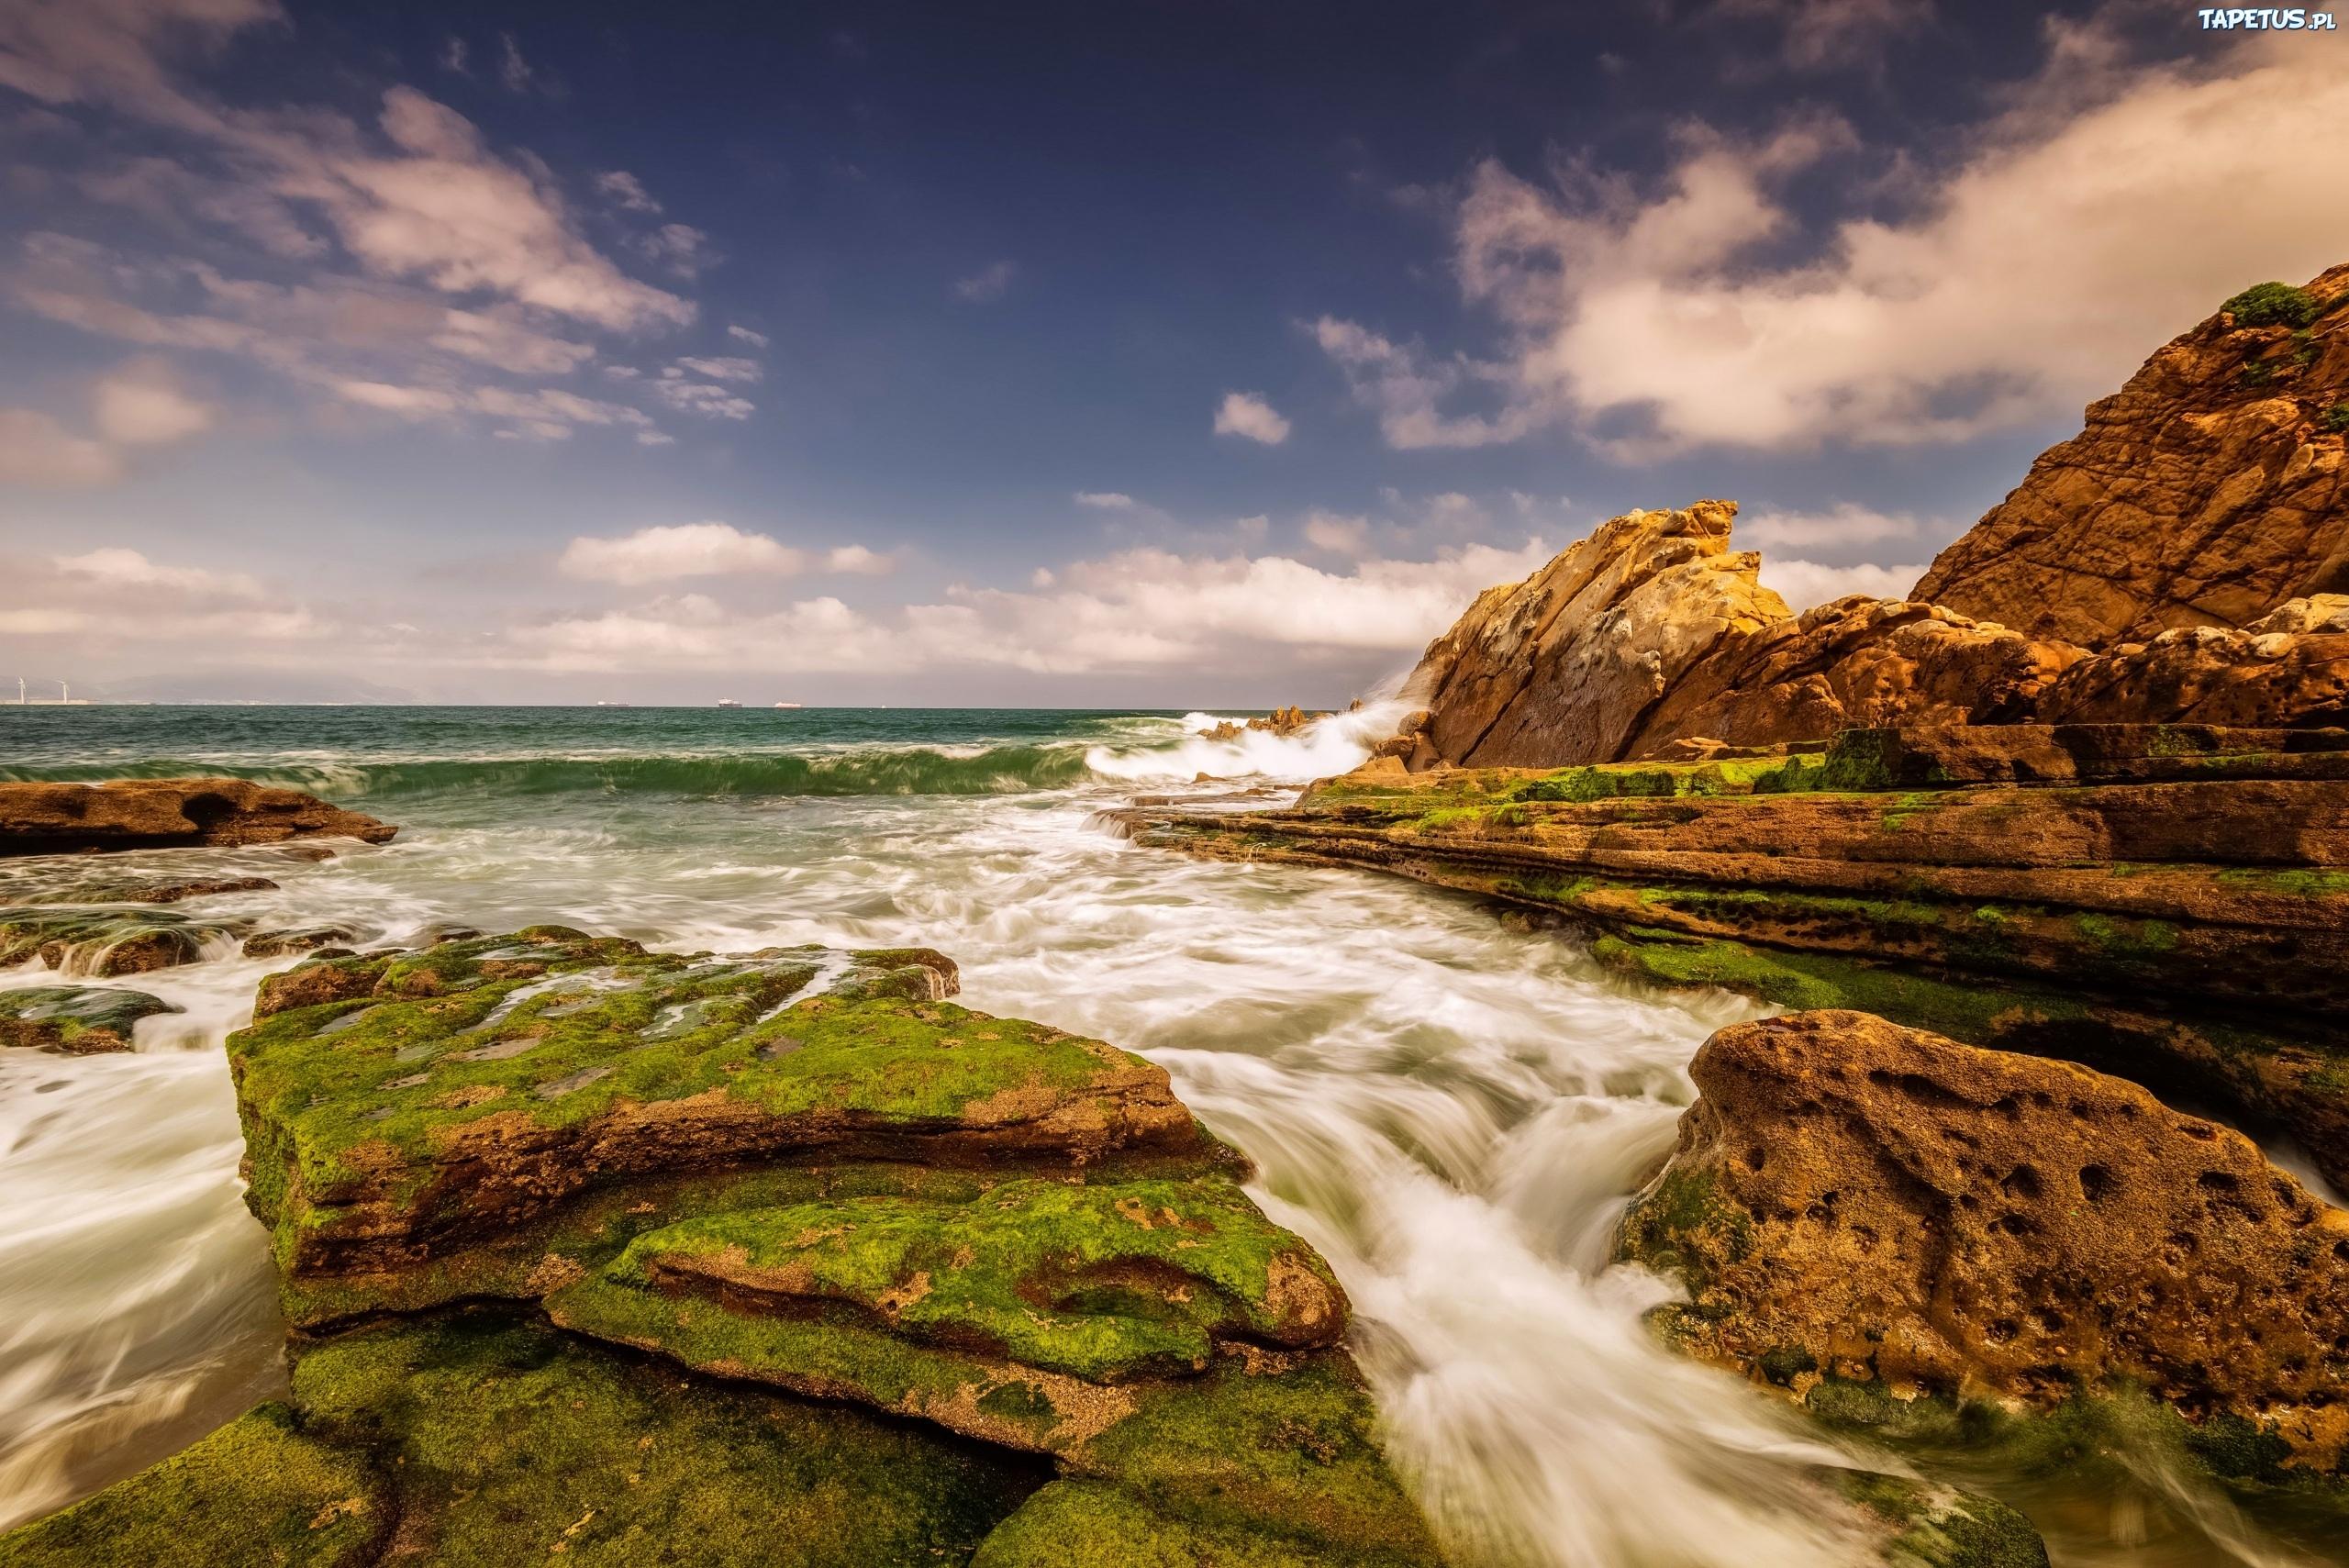 Камни со мхом на берегу бесплатно